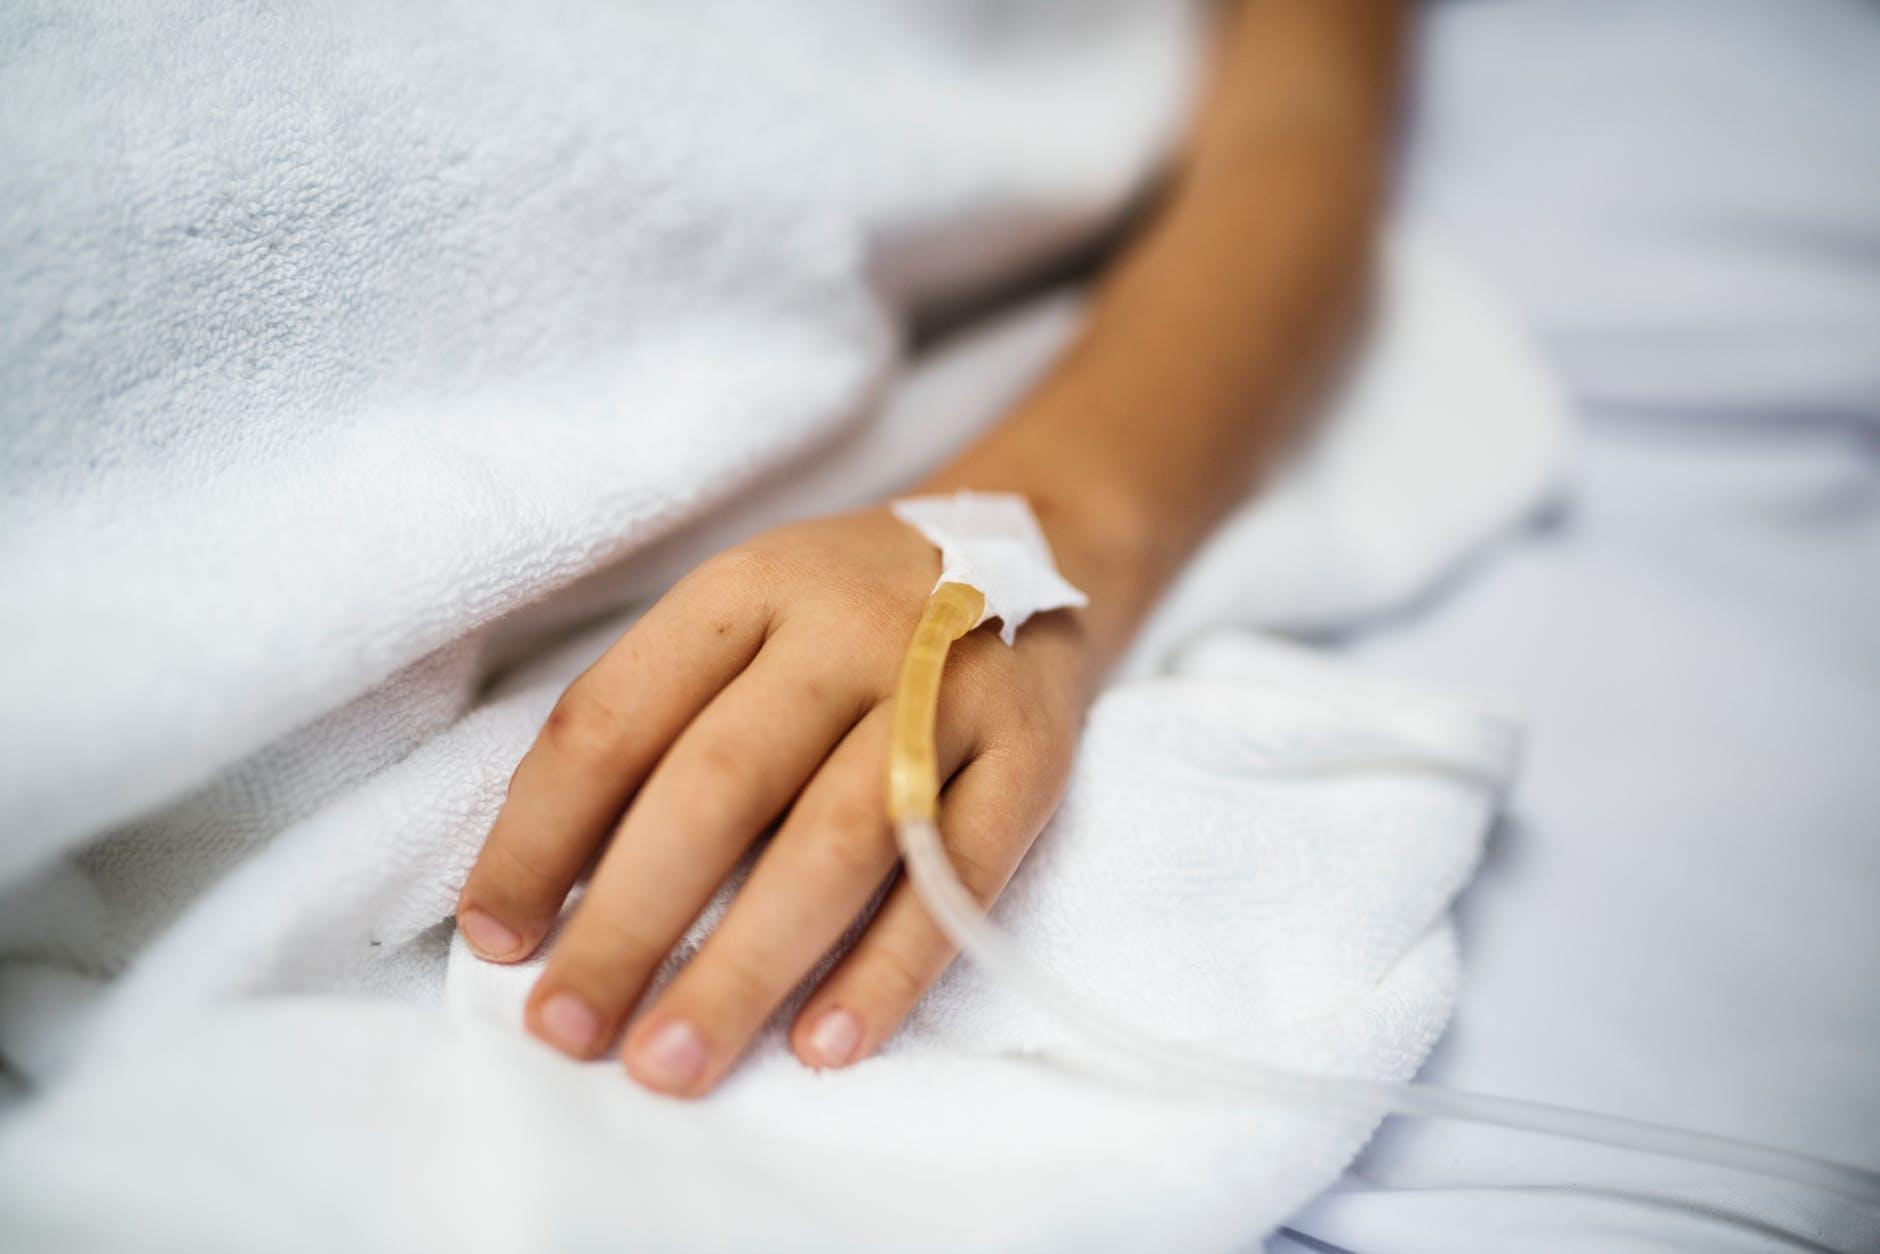 健酮,癫痫疗法,生酮,生酮饮食,生酮饮食疗法